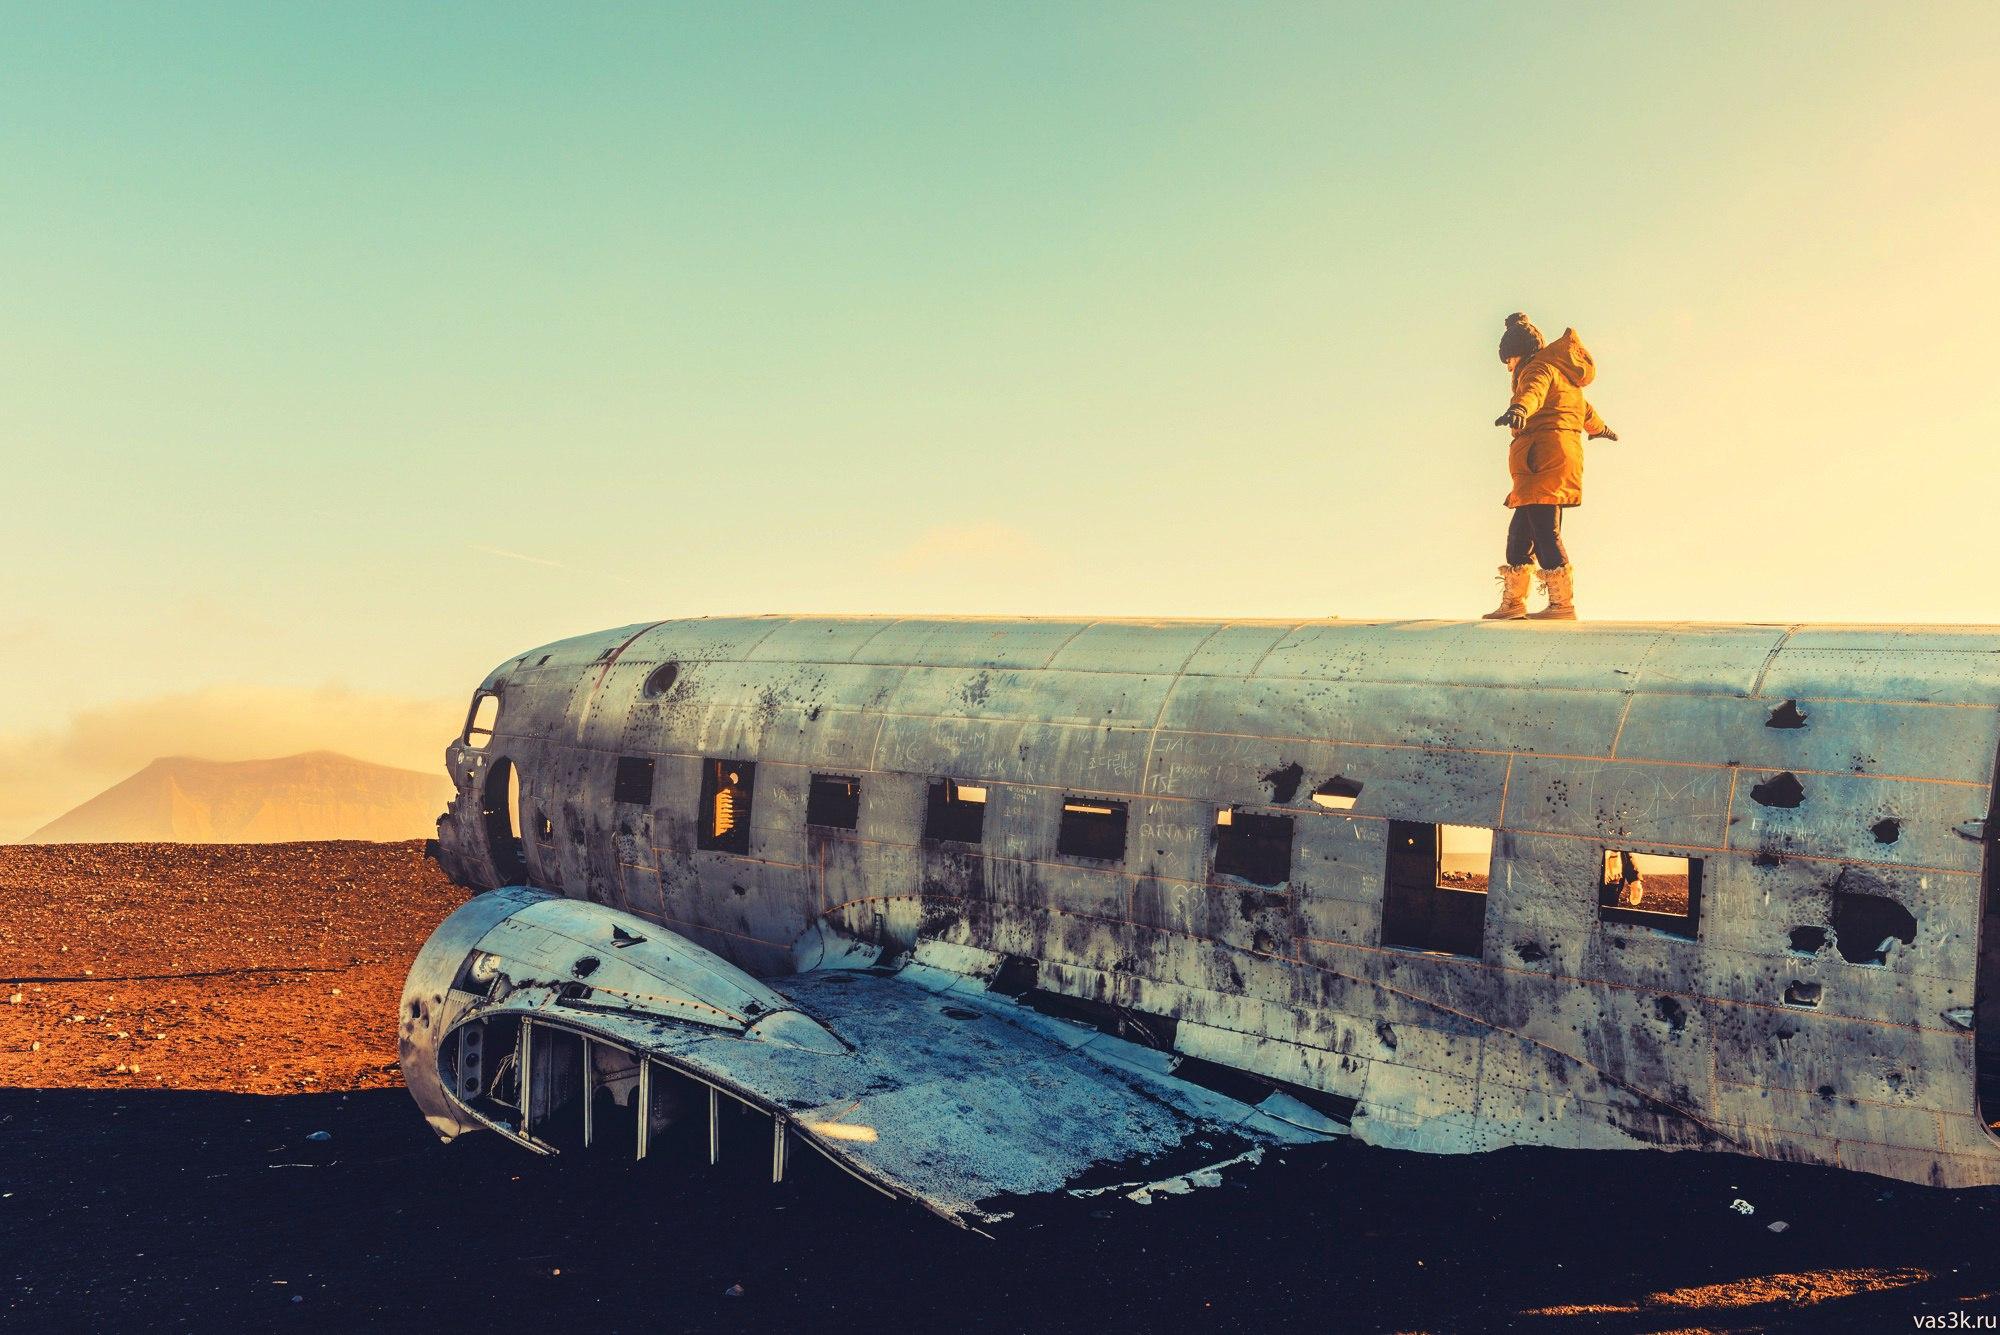 Исландия — огромный полупустой вулканический остров, лежащий впритык к северному полярному кругу, на разломе двух крупных тектонических плит — евразийской и северо-американской.